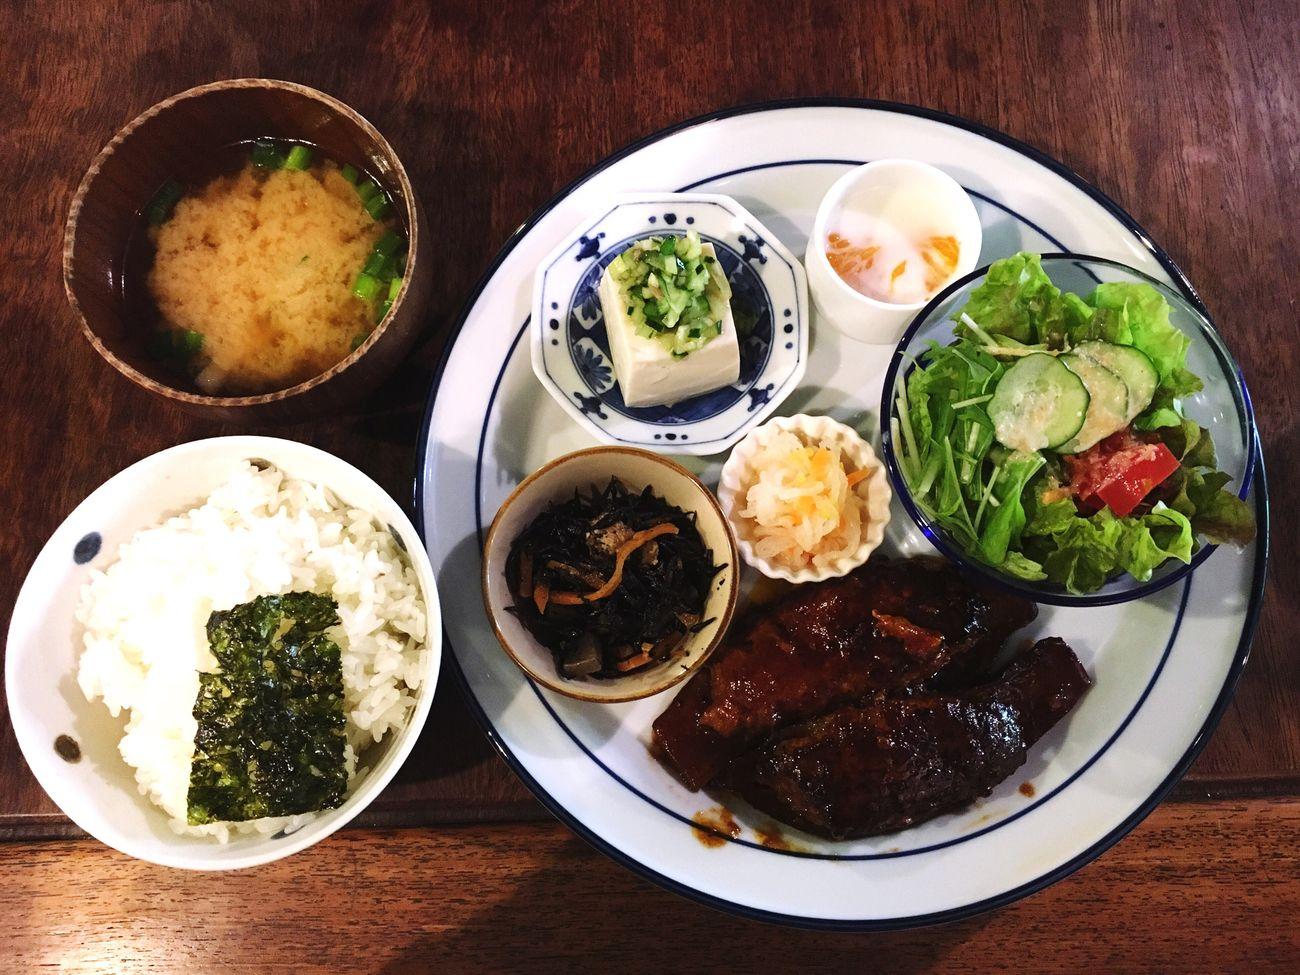 ことばのはおとにてランチ ことばのはおと ランチ 昼食 Lunch Kyoto Japan 京都 ハンバーグ カフェ